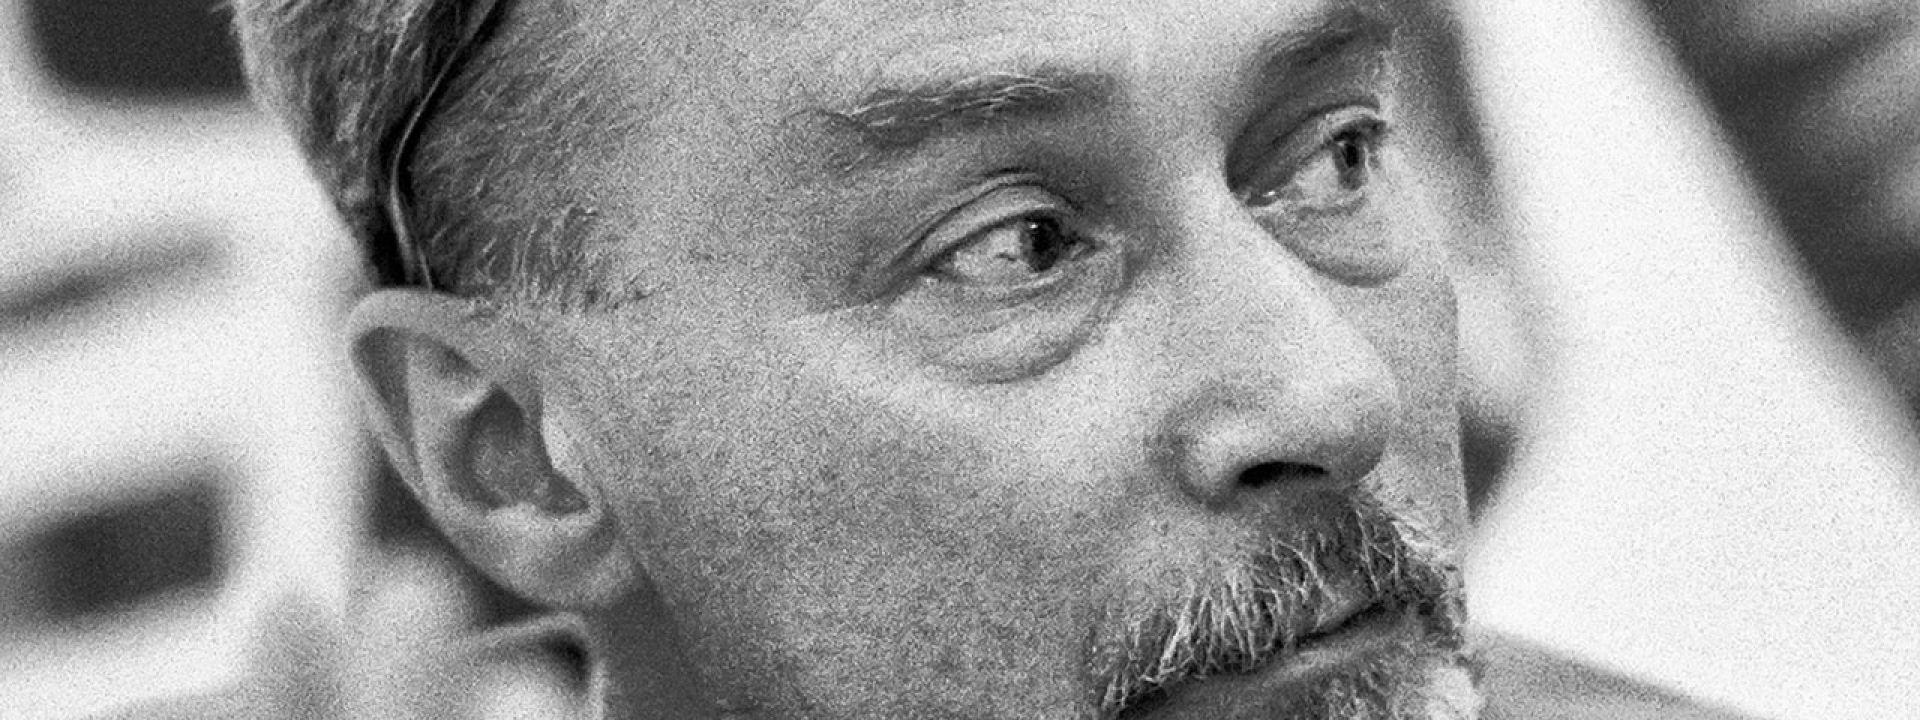 Ο Πρίμο Λέβι και η εμπειρία του από τo Άουσβιτς: Ένα μάθημα ανθρωπιάς μέσα σε συνθήκες ωμής βίας - Εικόνα